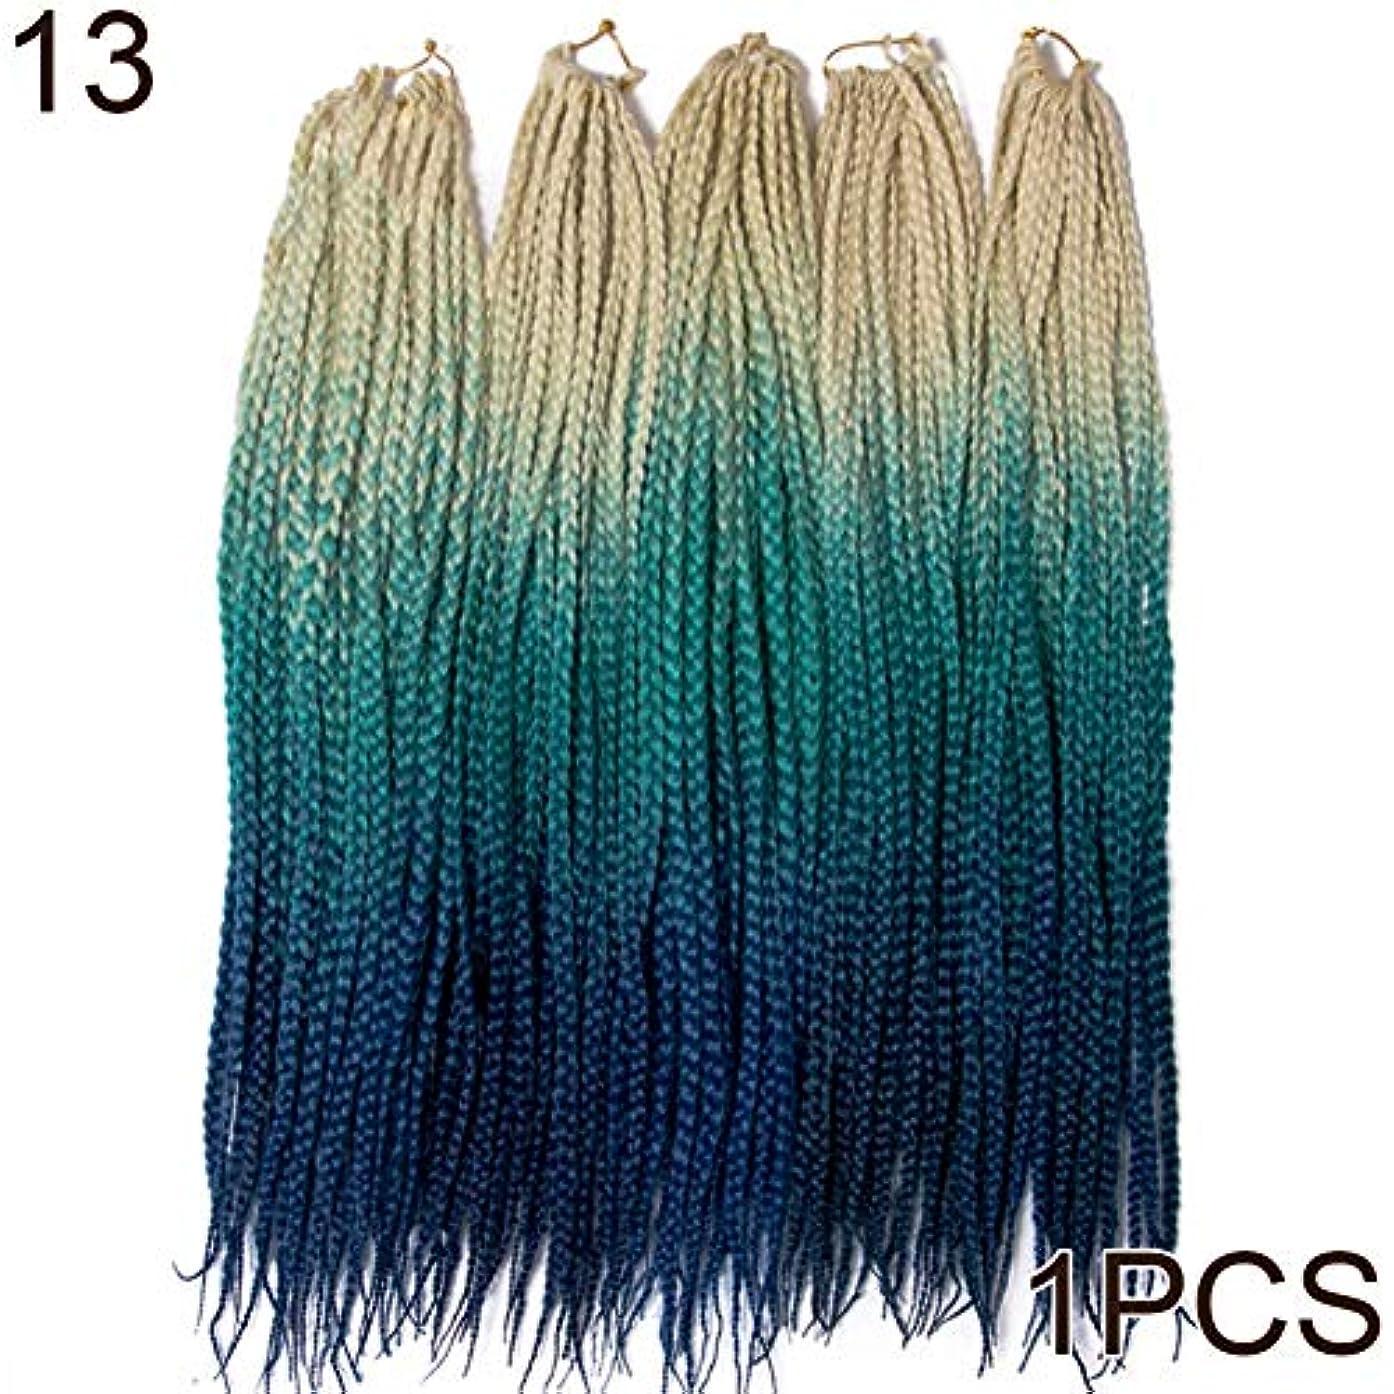 契約損傷恒久的slQinjiansav女性ウィッグ修理ツール60cm長いソフトかぎ針編みツイスト編み合成ヘアエクステンションカラーブロックウィッグ